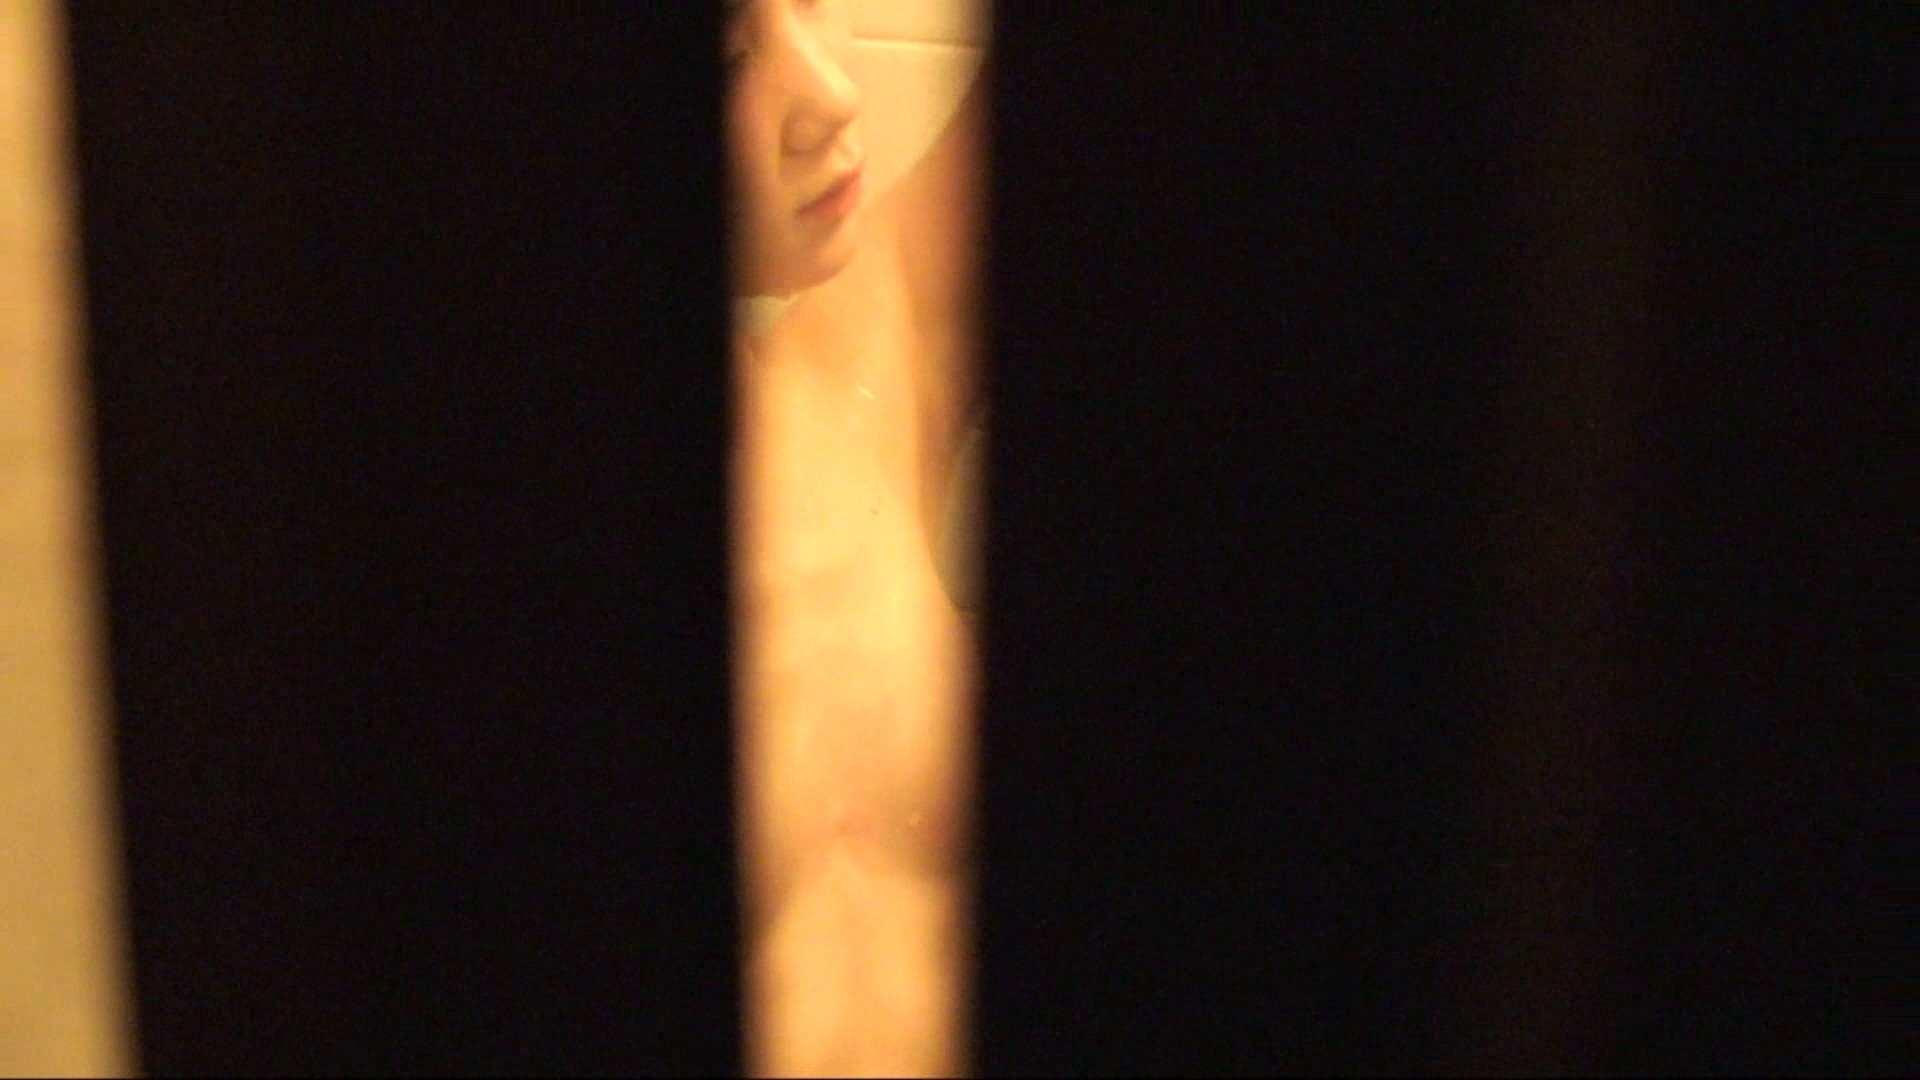 vol.02超可愛すぎる彼女の裸体をハイビジョンで!至近距離での眺め最高! 覗き   女体盗撮  94連発 73